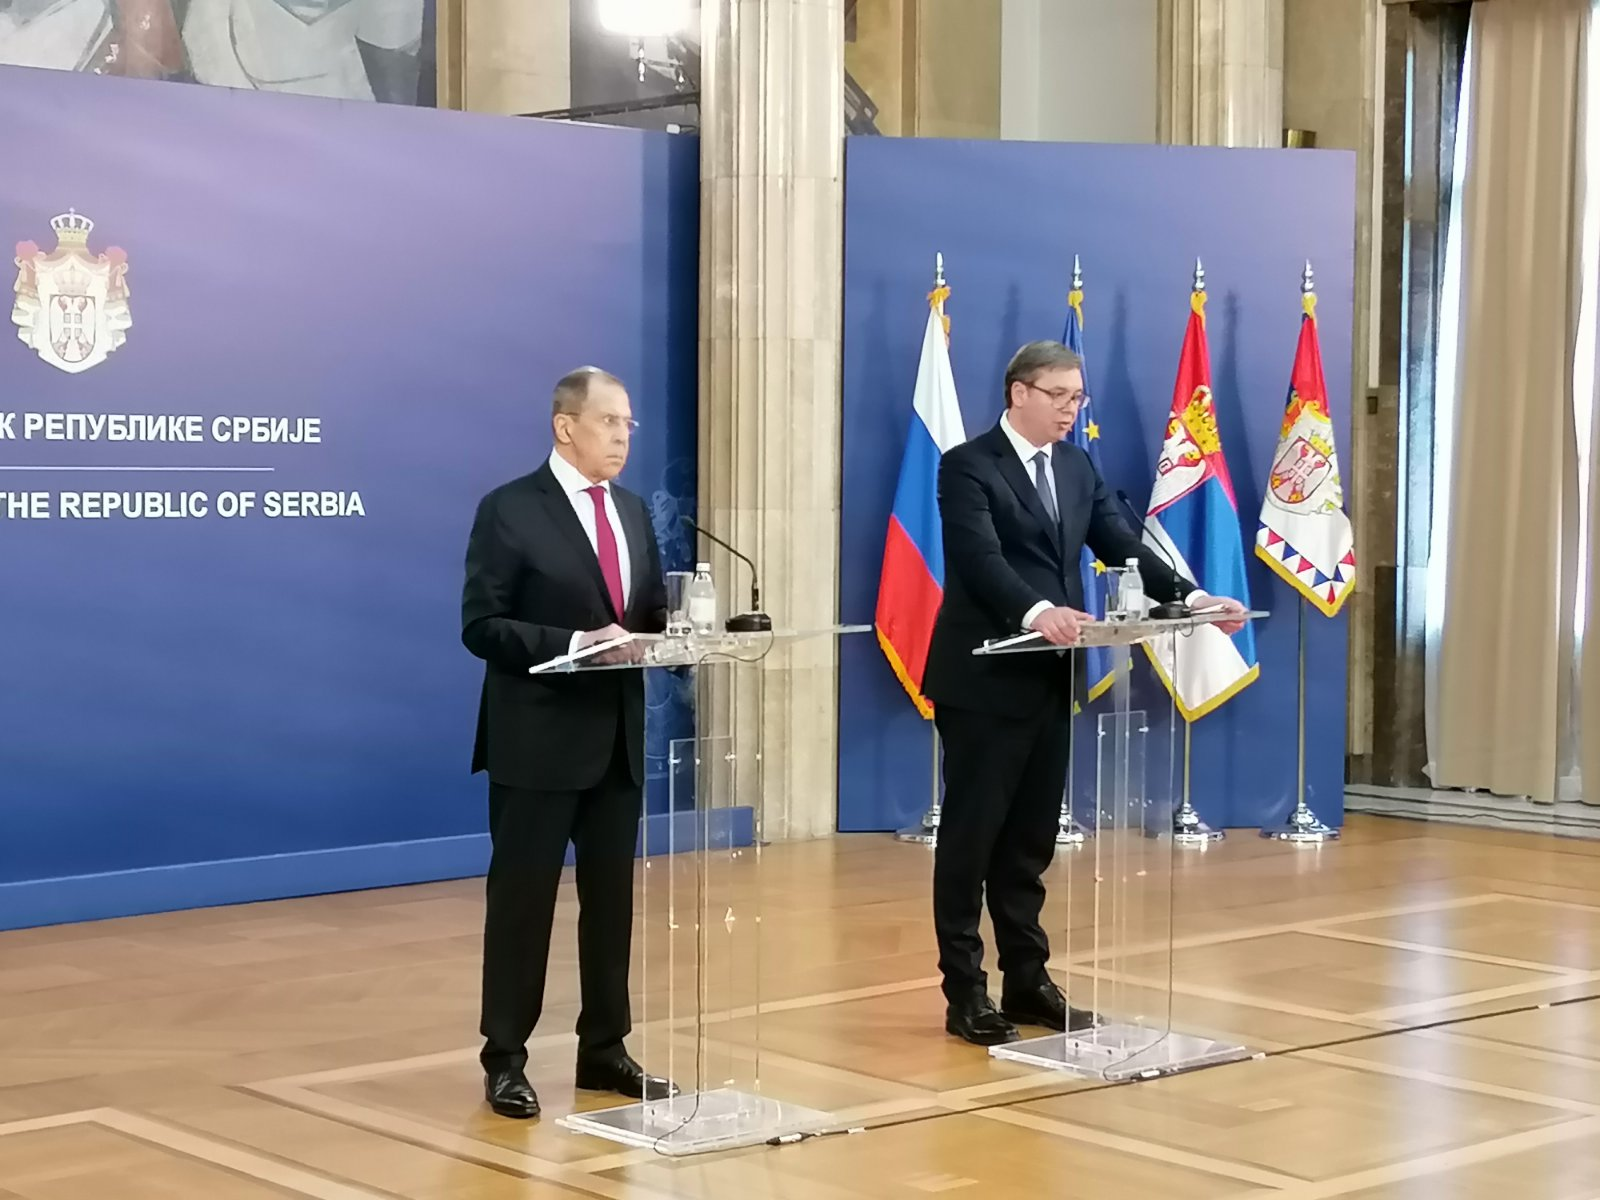 Vučić posle susreta s Lavrovim: Dodatno sam zabrinut informacijama